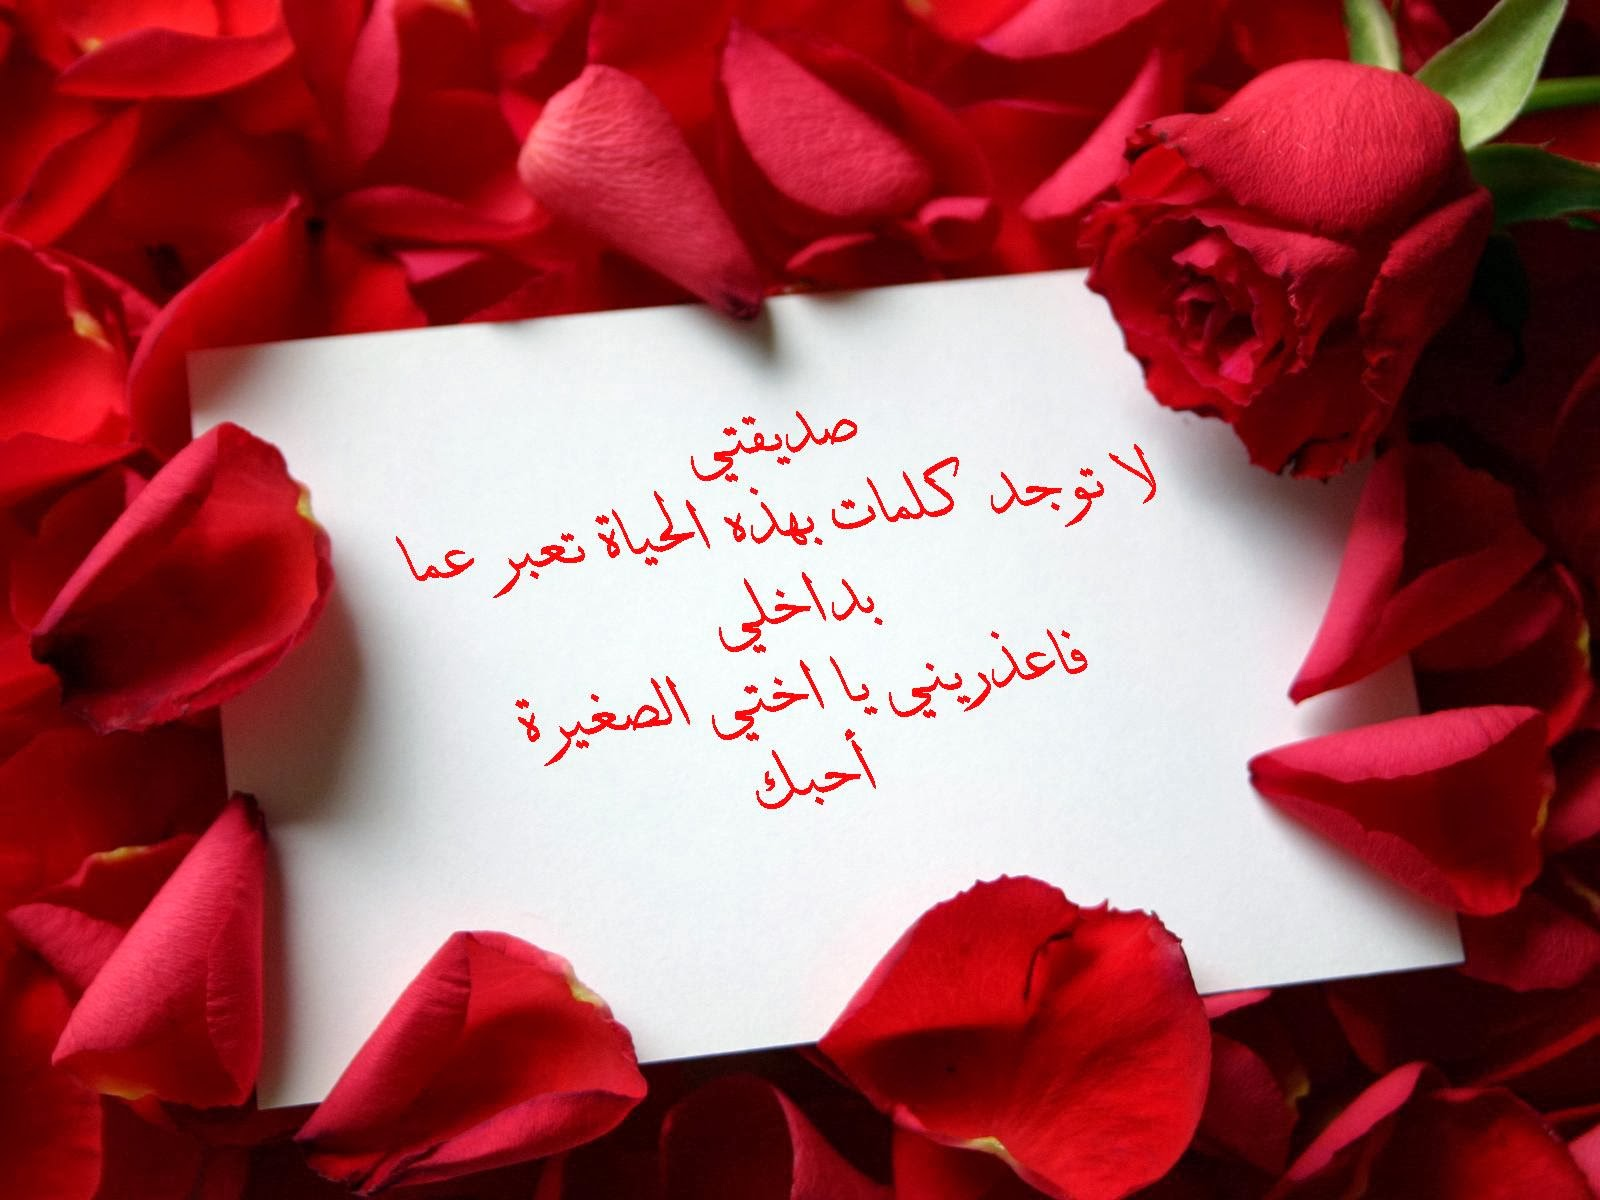 بالصور كلمات حب رومانسية , اجمل الكلمات الرومانسيه 3274 1